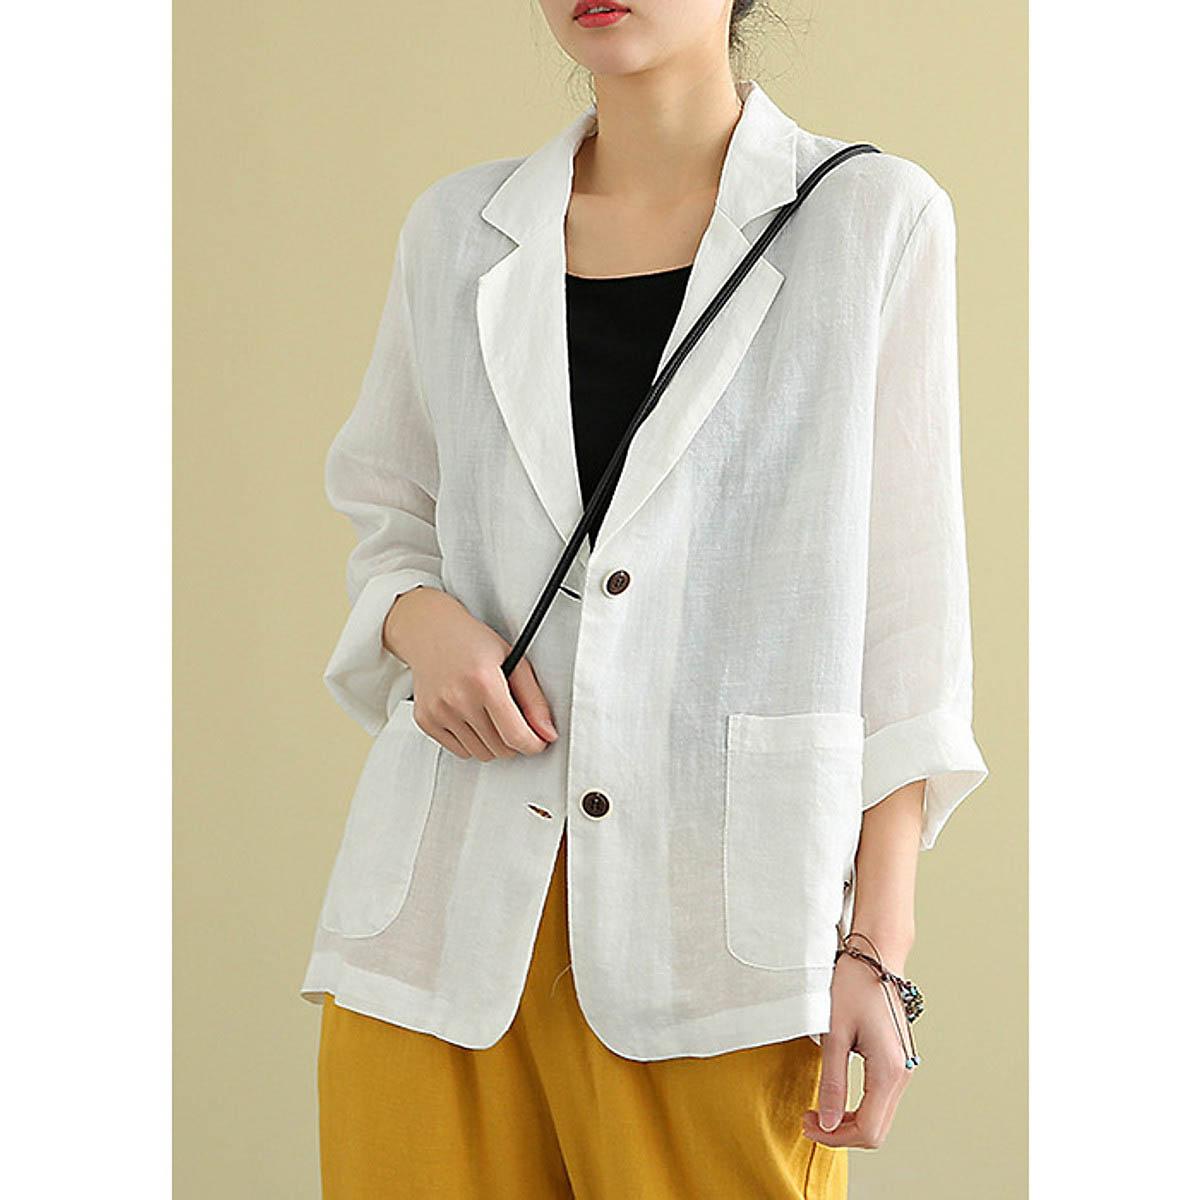 Áo vest may từ vải lanh đem đến sự thoải mái cho người mặc